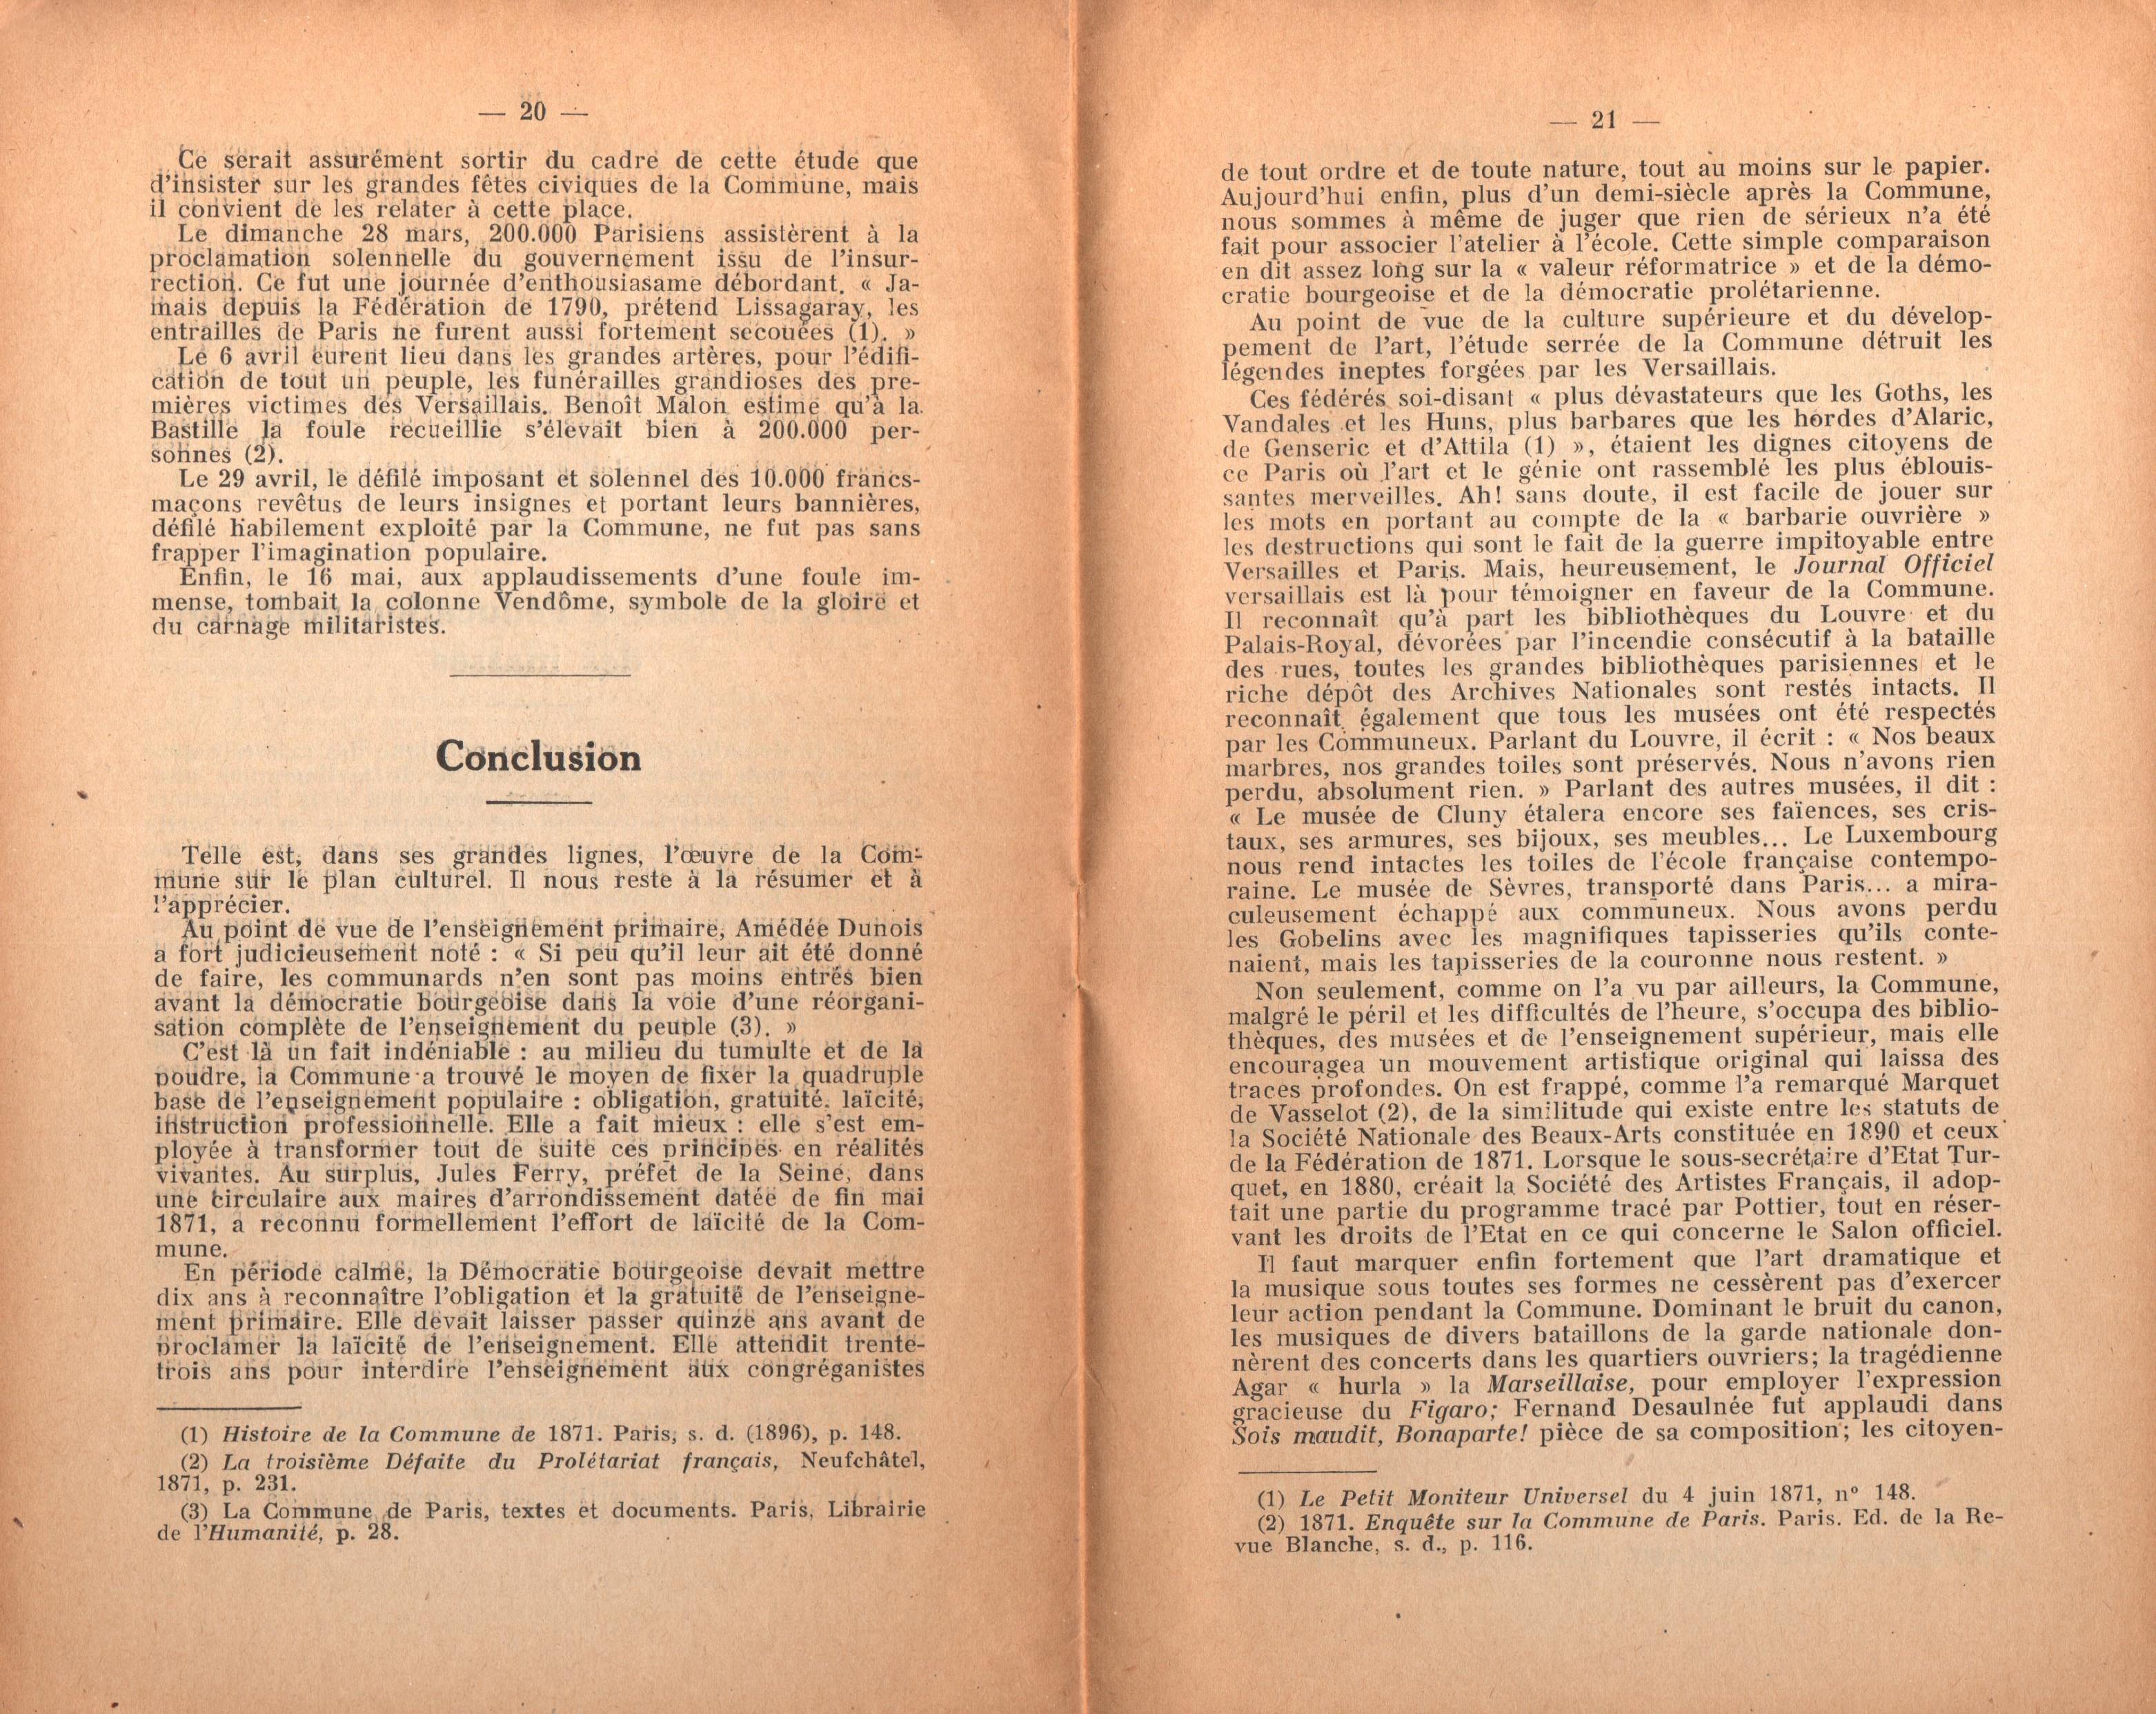 Maurice Dommanget, L'instruction publique sous la Commune - pag. 12